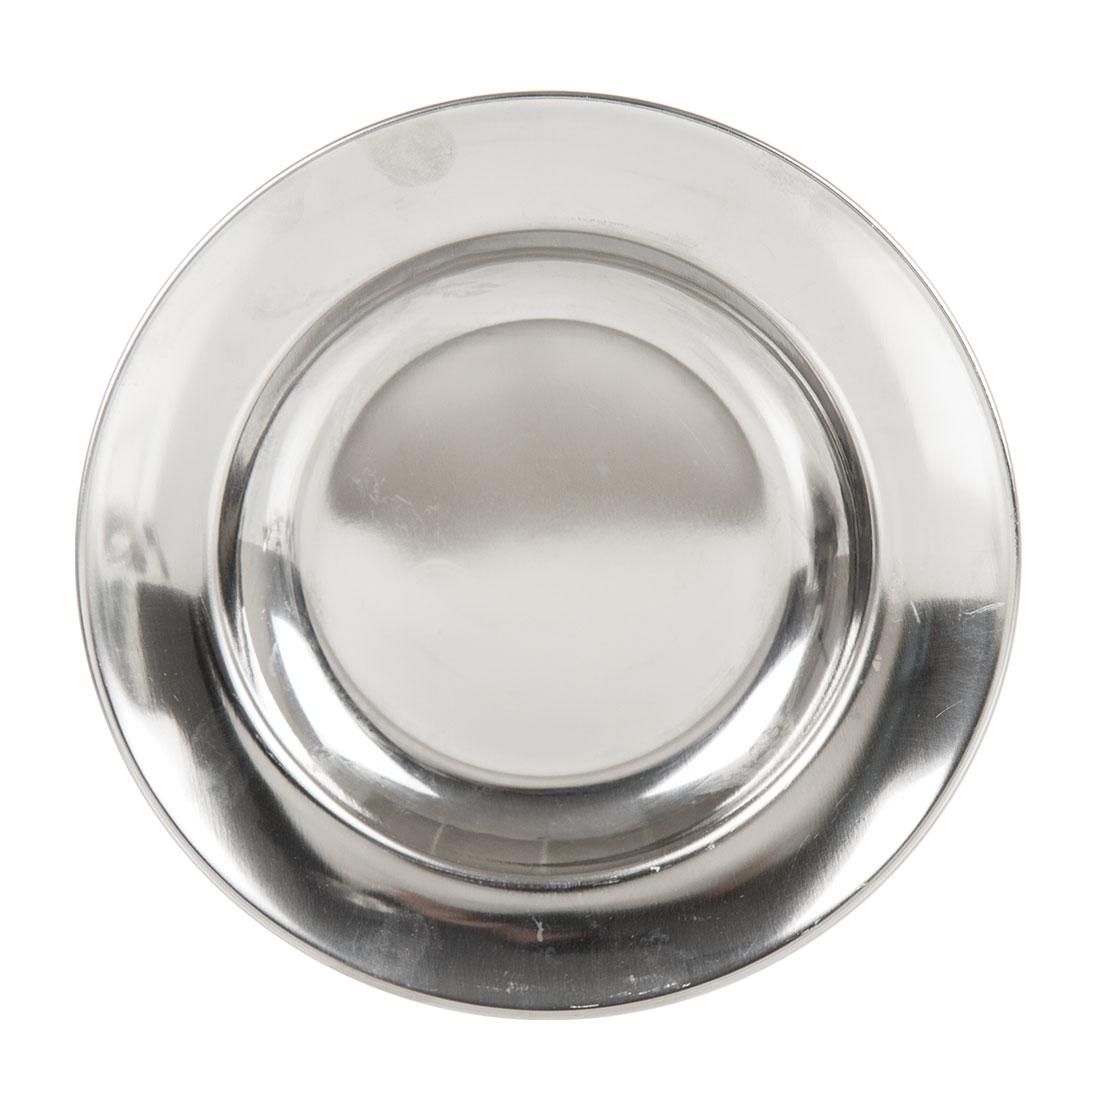 Titanium Camping Plate